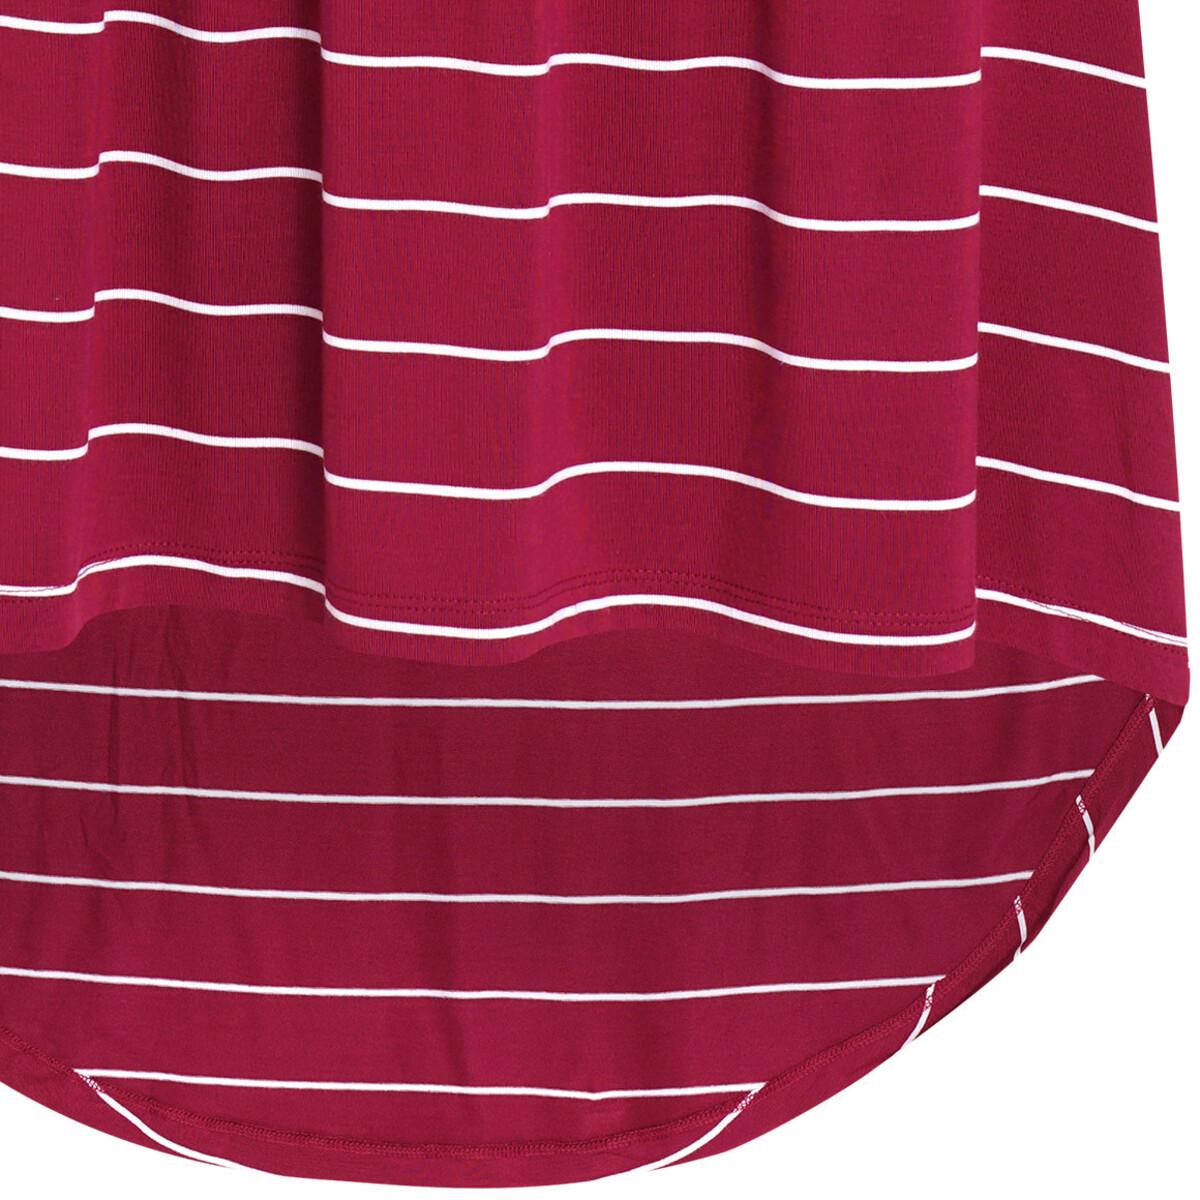 Bild 3 von Damen Kleid in Wickel-Optik